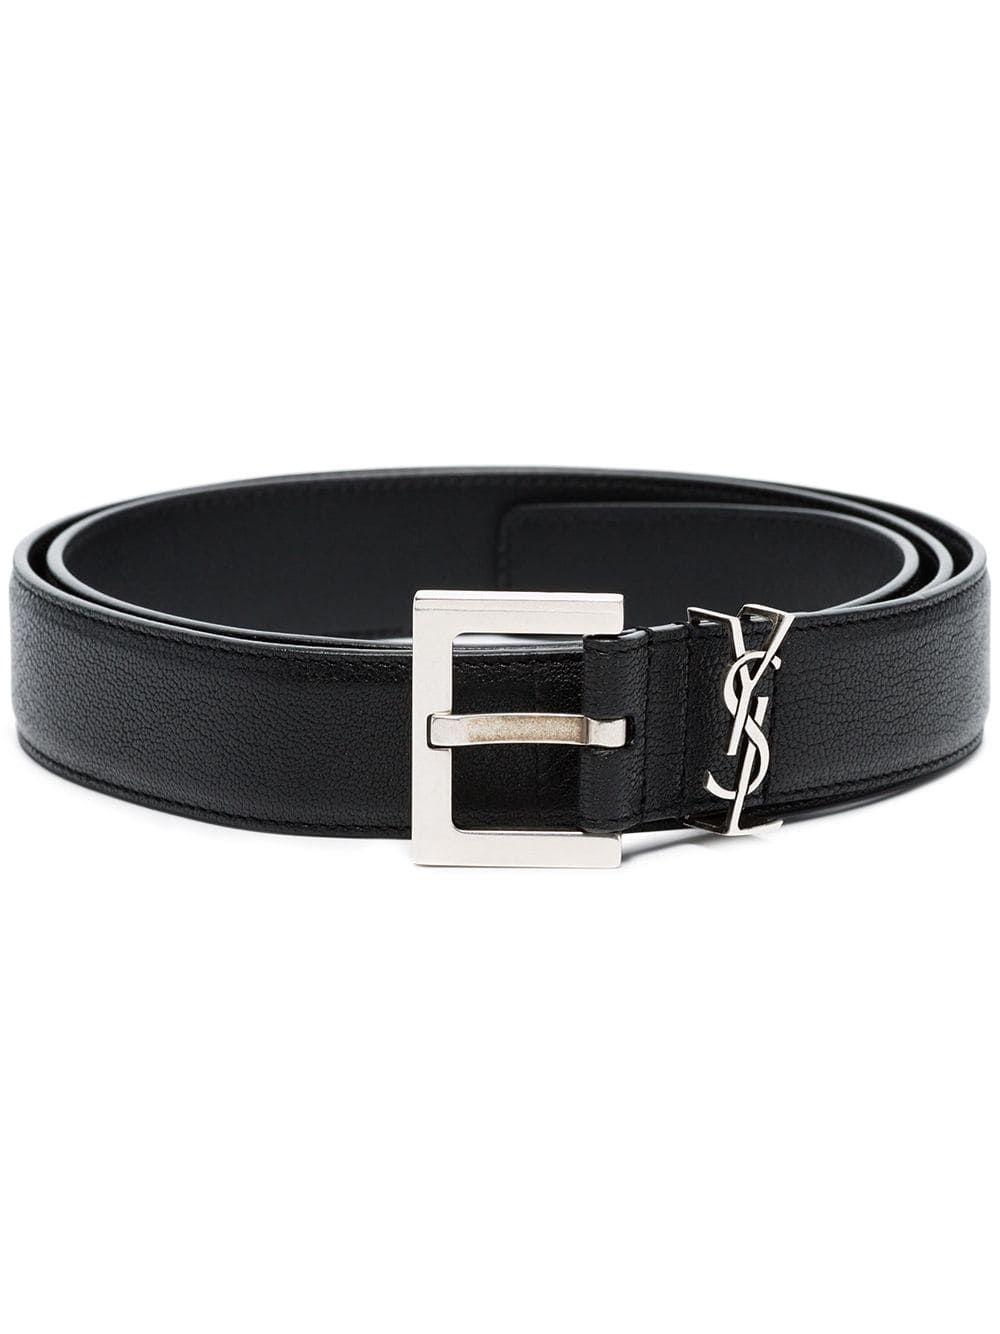 Saint Laurent Ysl Plaque Buckle Belt Farfetch Mens Belts Belt Saint Laurent